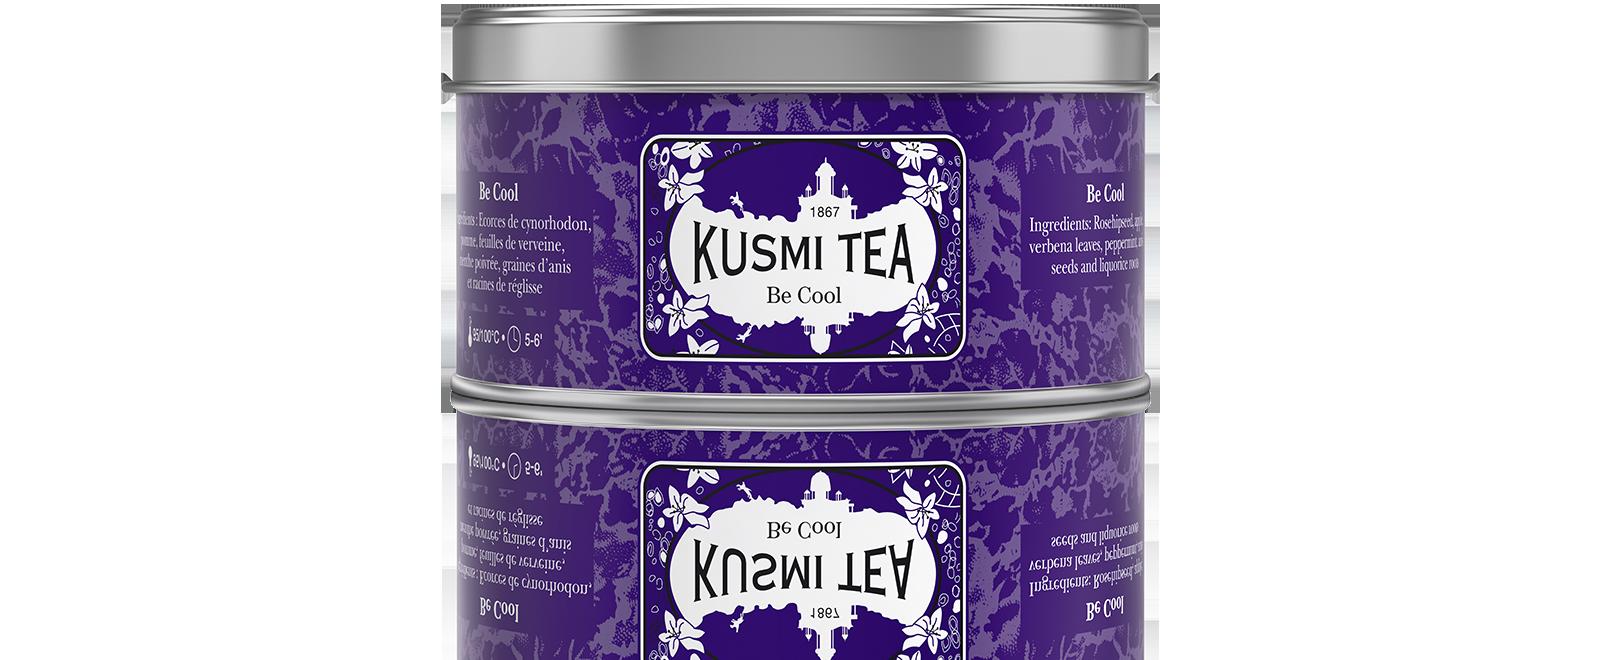 Be Cool - Infusion verveine - Boîte de thé en vrac - Kusmi Tea